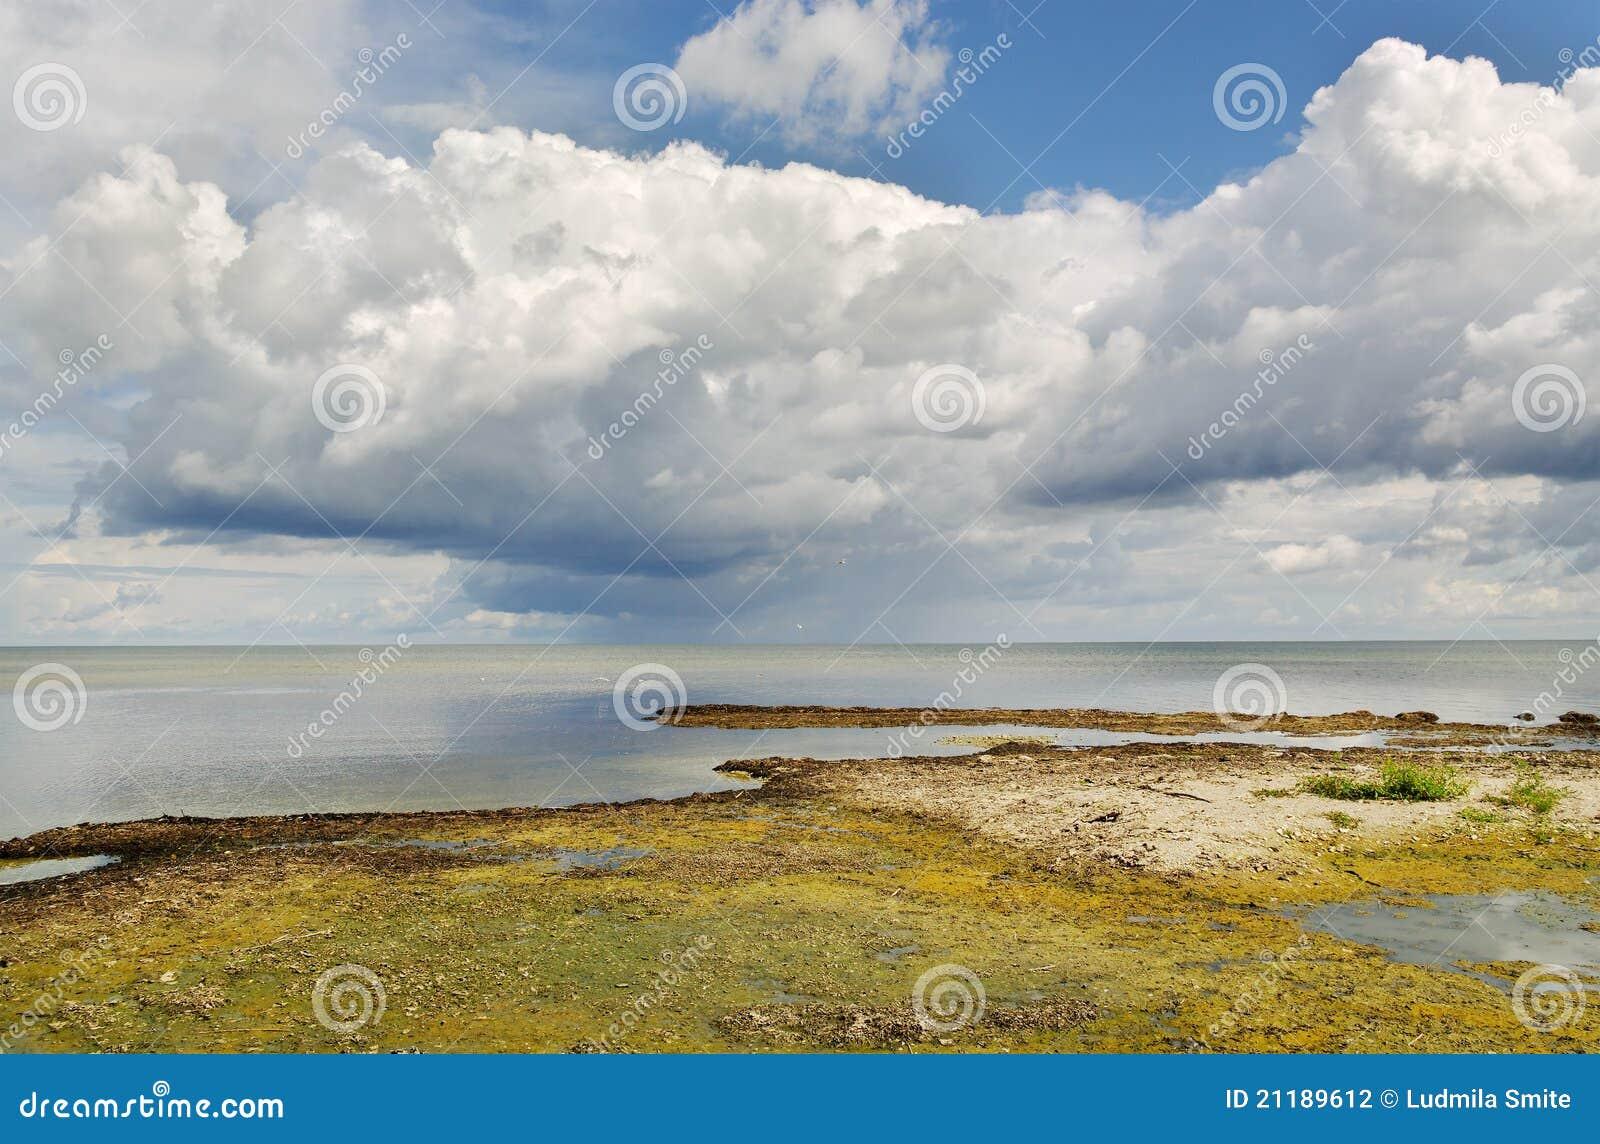 Sea coastline.